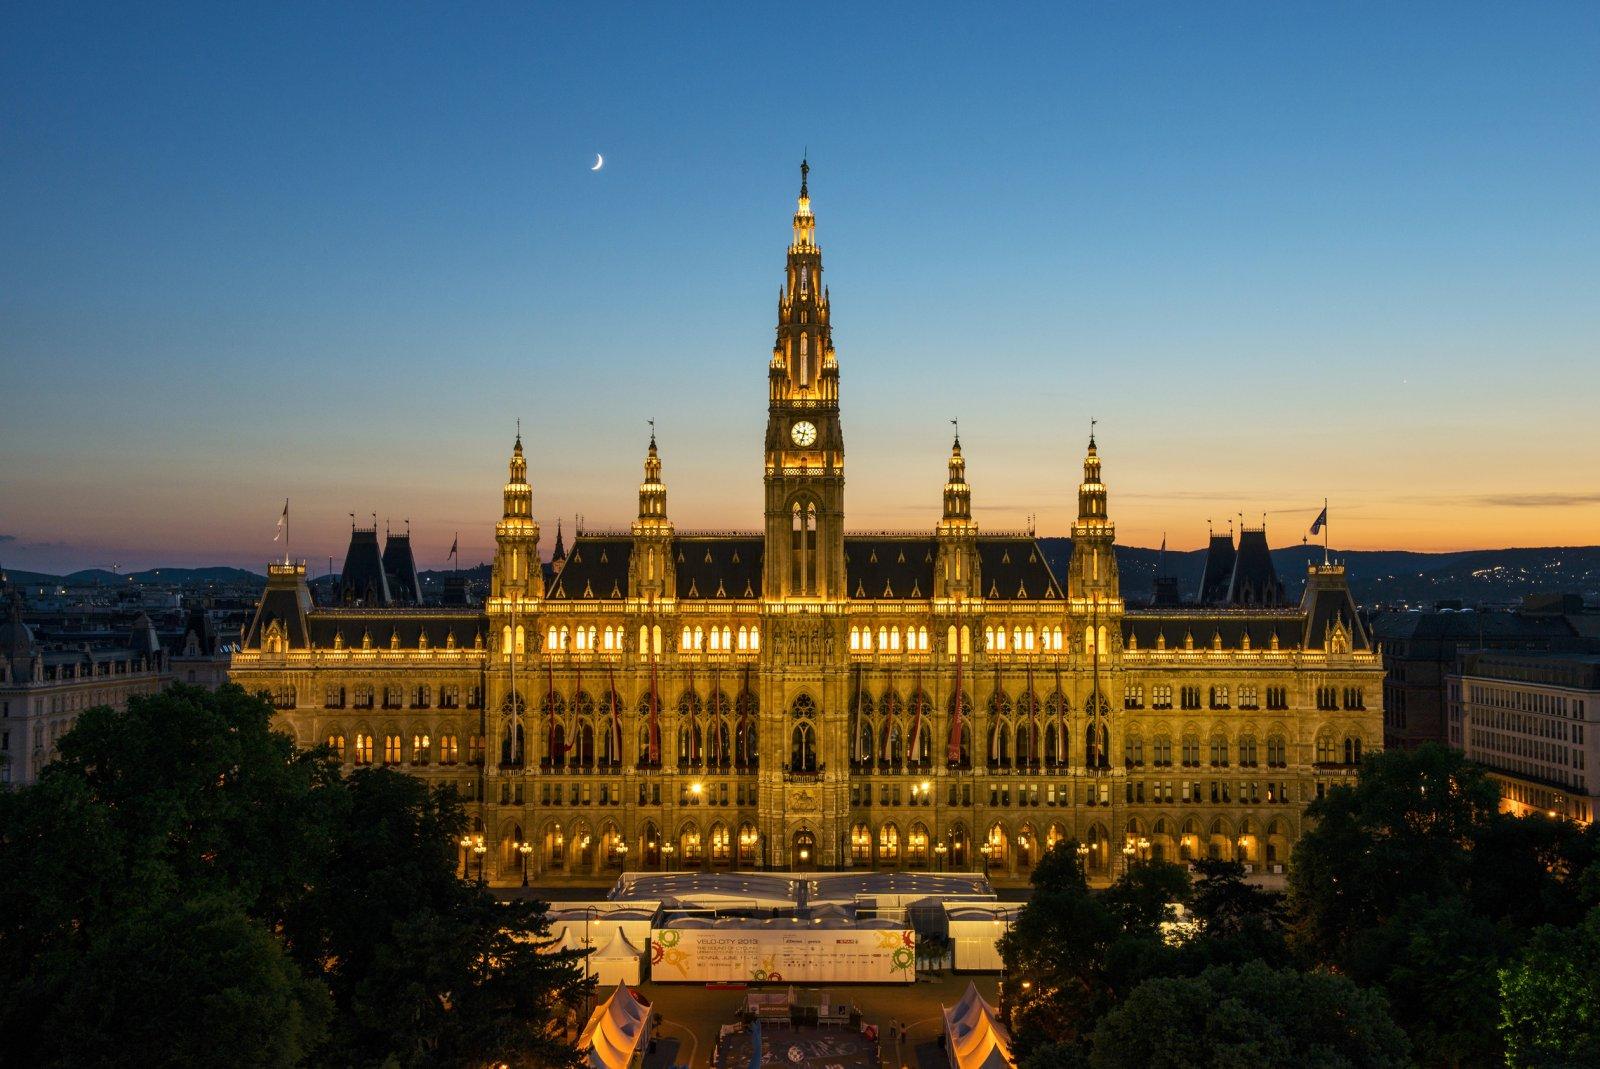 Групповая экскурсия «Вечерняя Вена», включая ужин в хойригере